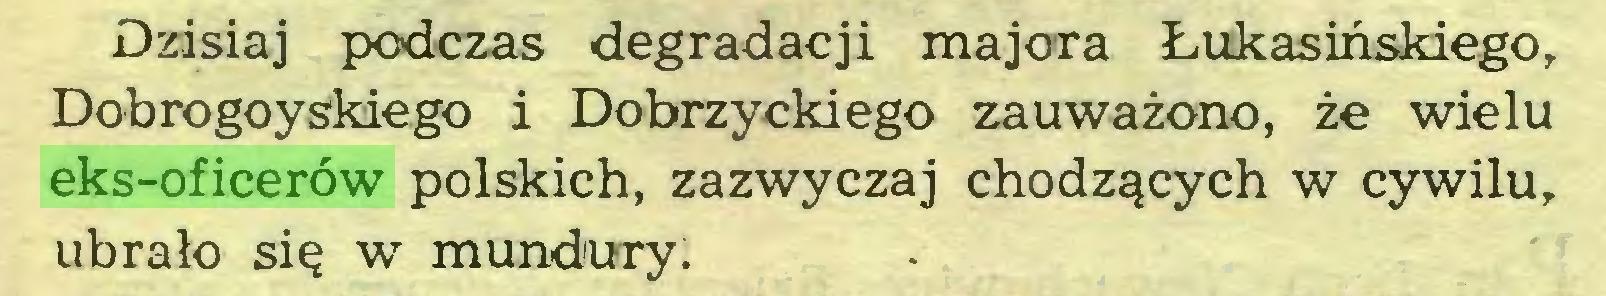 (...) Dzisiaj podczas degradacji majora Łukasińskiego, Dobrogoyskiego i Dobrzyckiego zauważono, że wielu eks-oficerów polskich, zazwyczaj chodzących w cywilu, ubrało się w mundury...